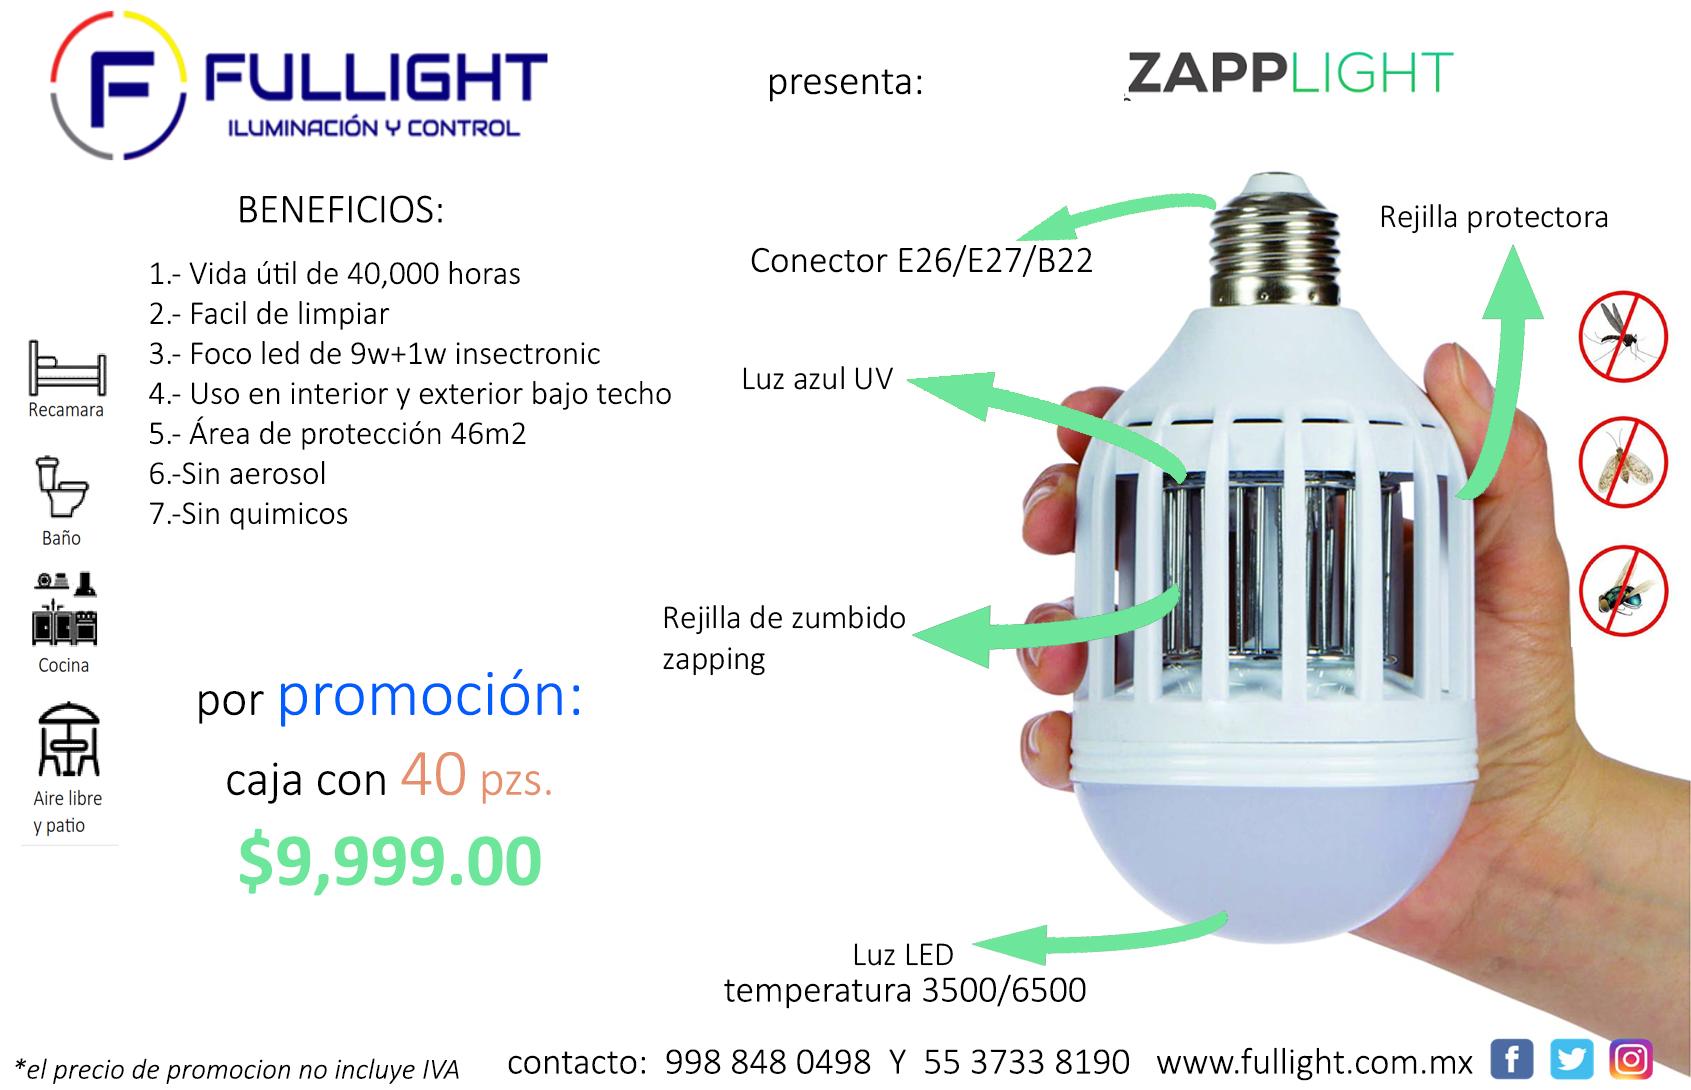 promoción Zapplight